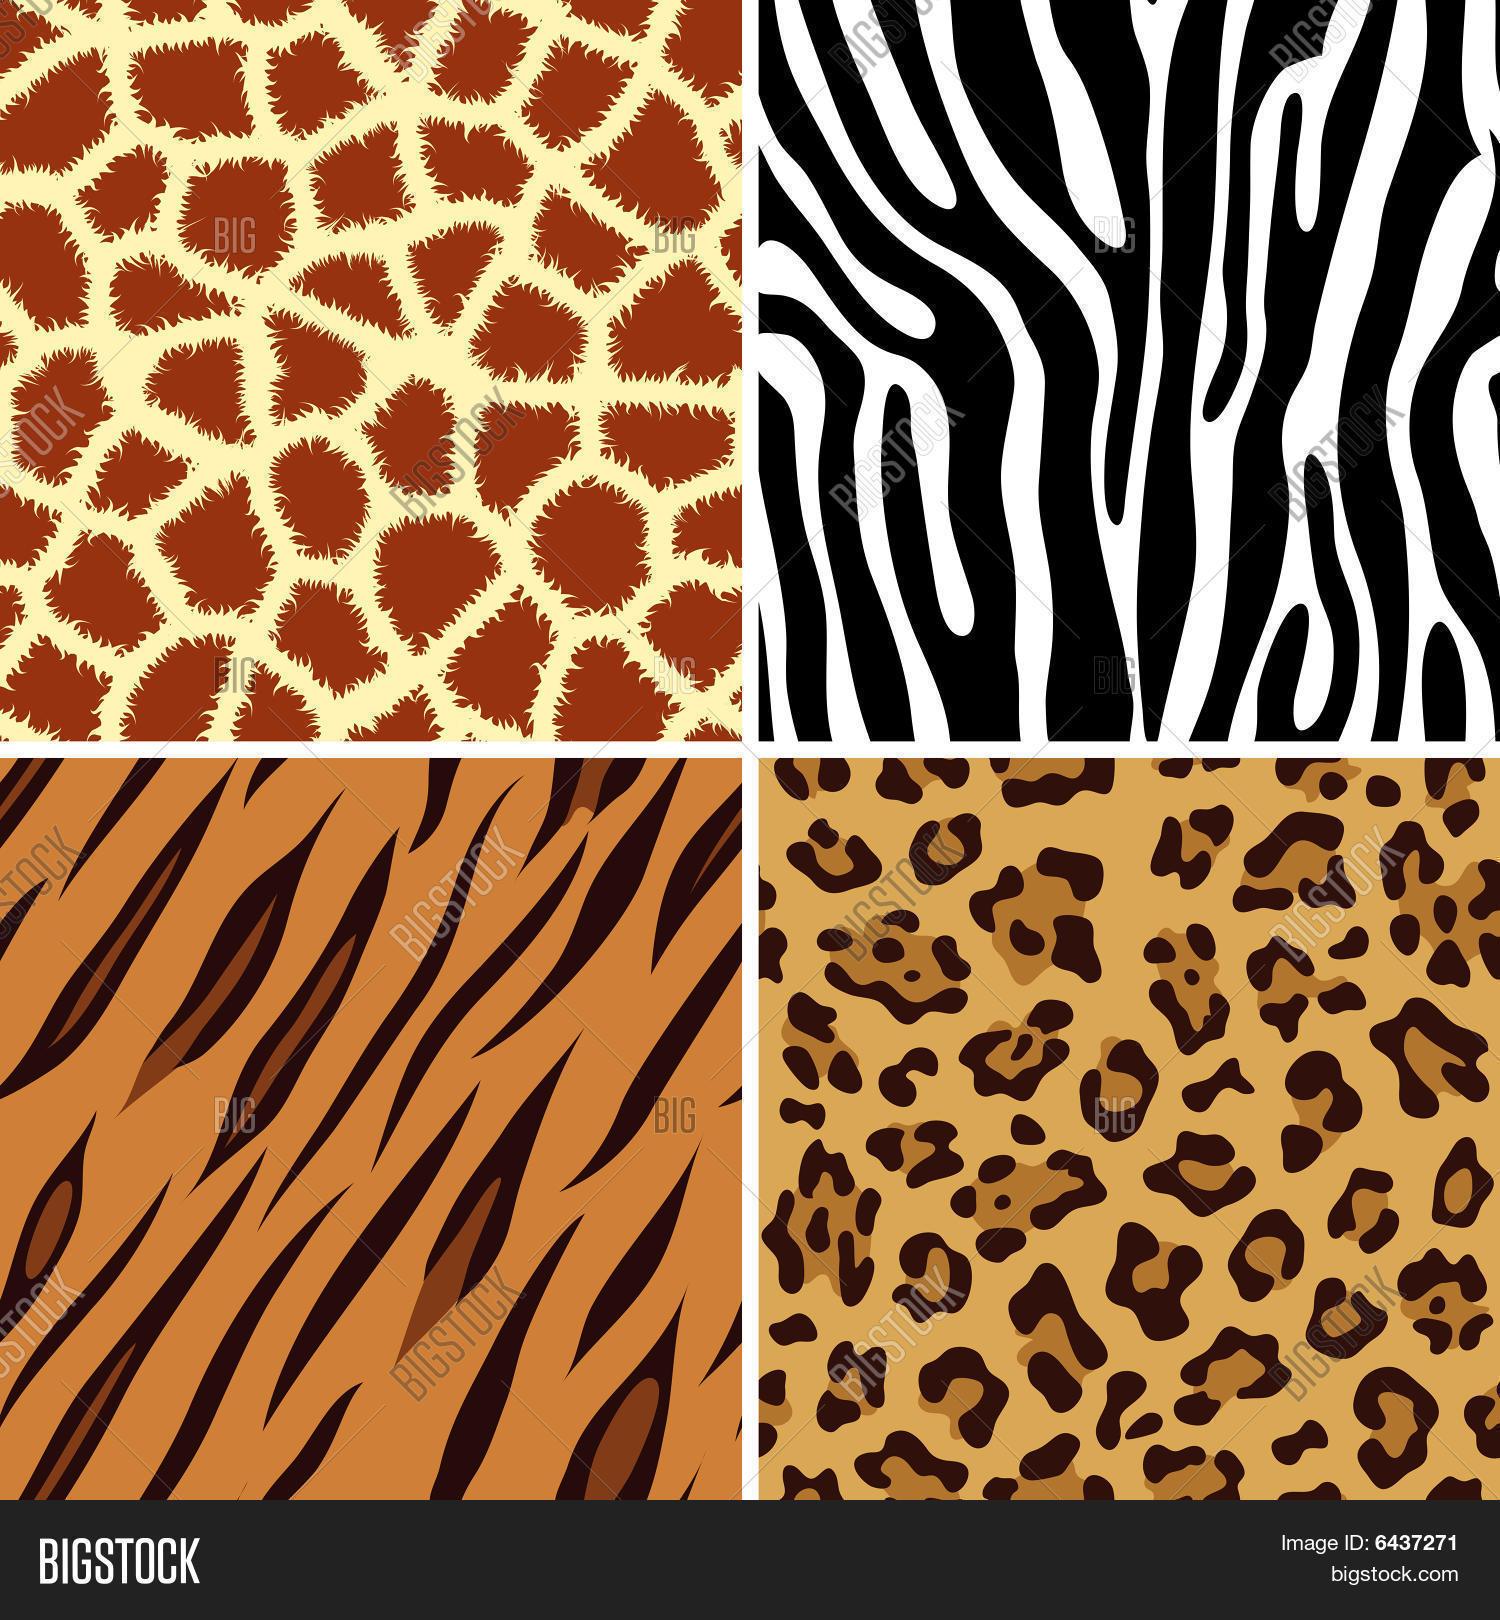 how to make cheetah print